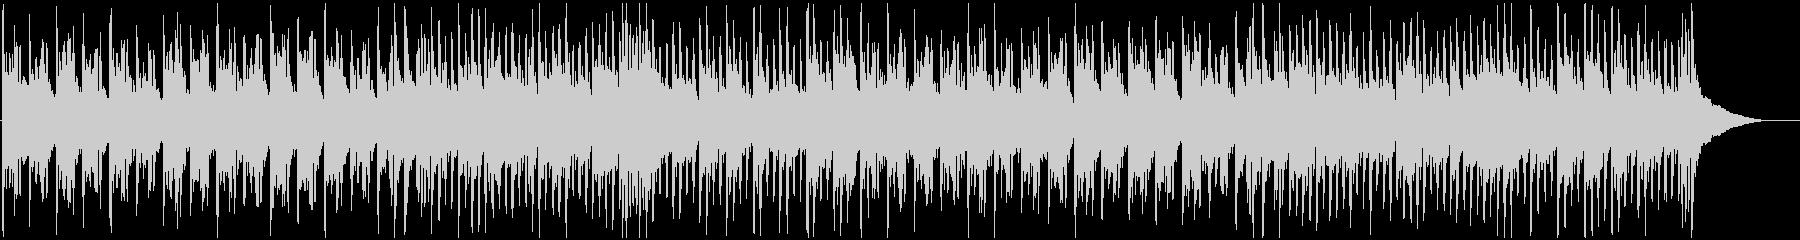 日本忍者ディスコ琴&シンセ低音ビートの未再生の波形